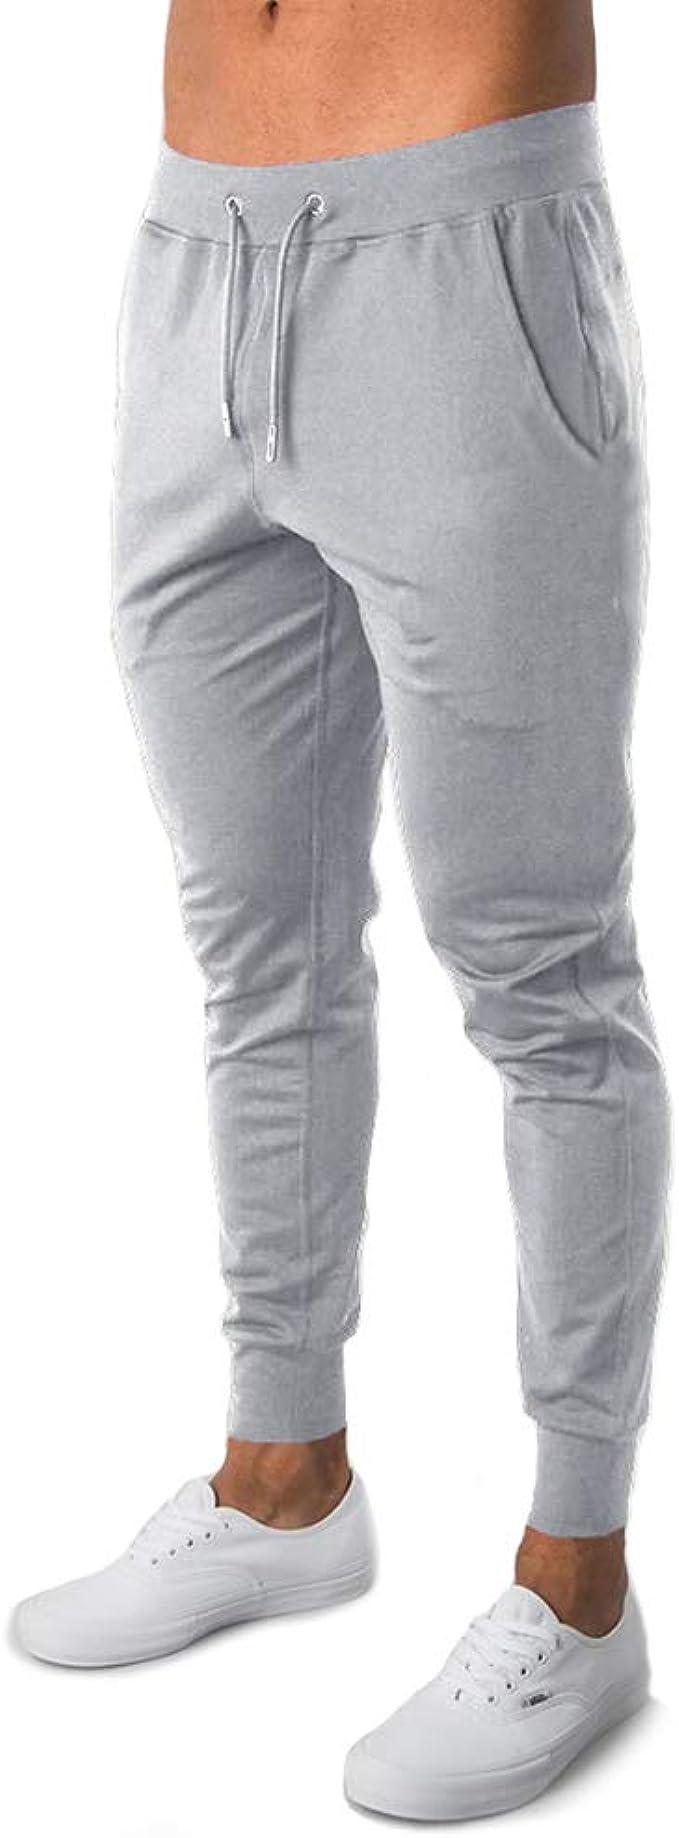 Frecoccialo Pantaloni da Jogging Uomo Cotone Sportivi Fitness Slim Fit Pantaloni della Tuta da Uomo con Coulisse Esercizio da Palestra